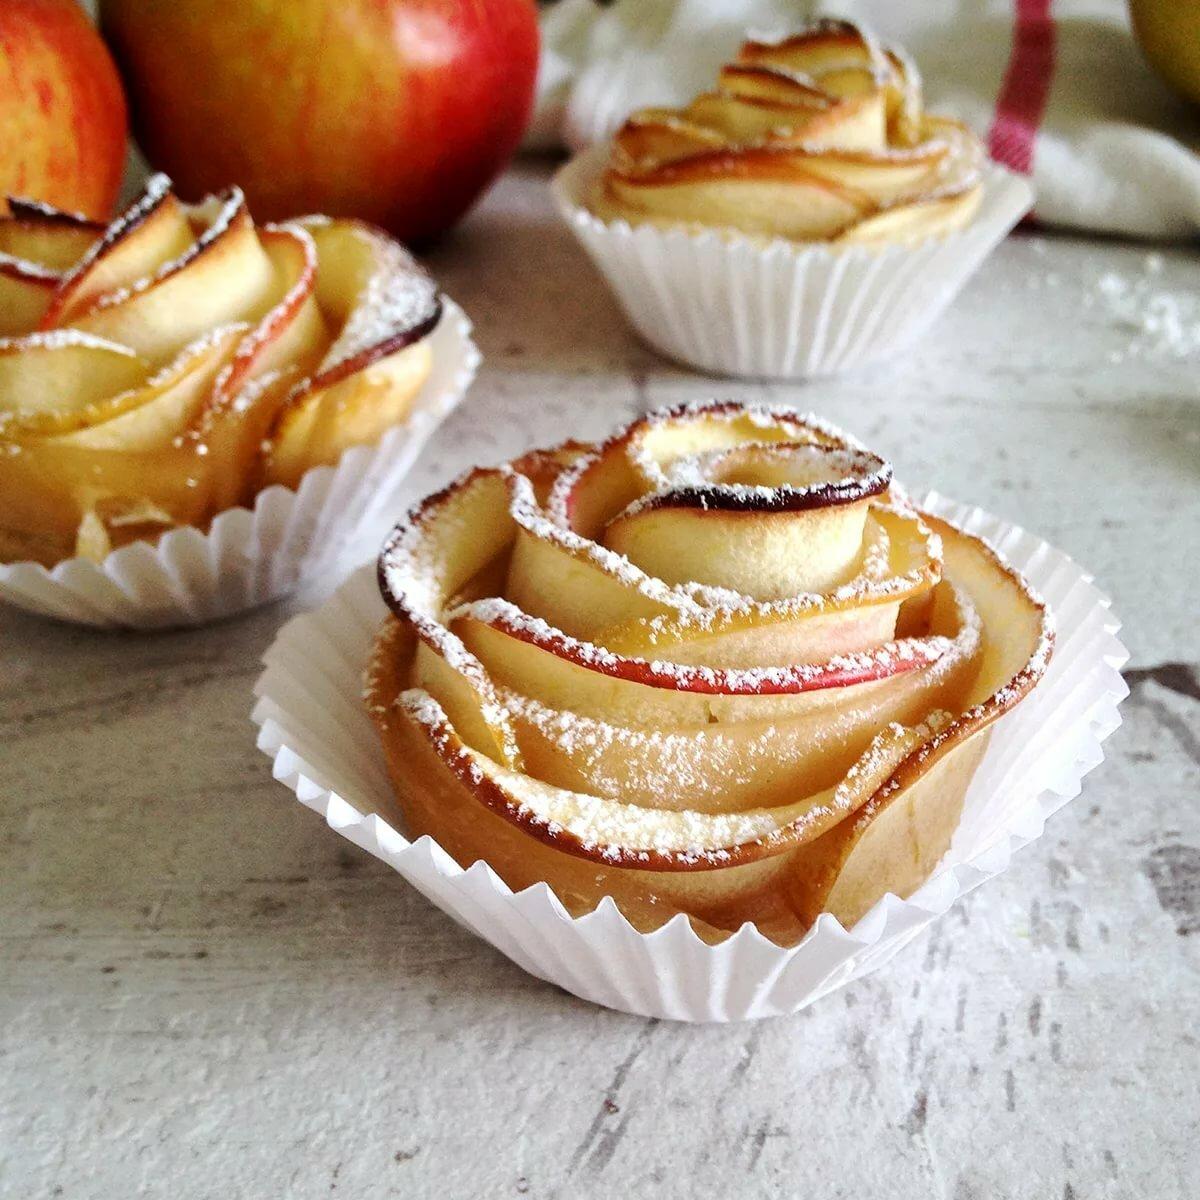 самый рецепты из яблок выпечка с фото шаблоны шлажков